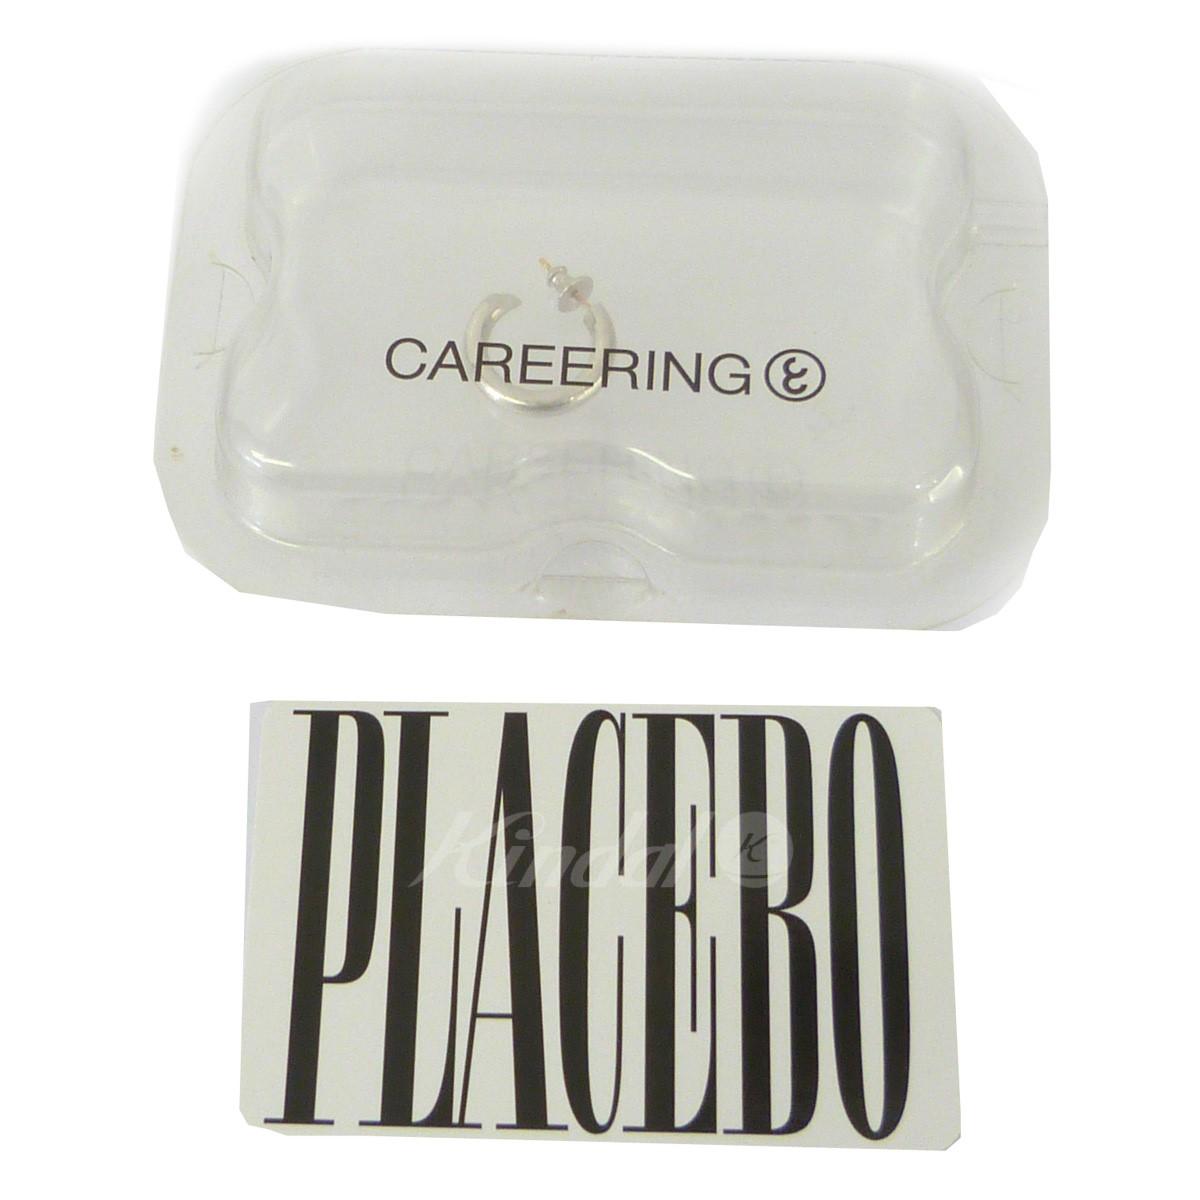 【中古】CAREERING 「PLACEBO 501 Pierce」501フープピアス(片耳用) シルバー サイズ:- 【送料無料】 【031118】(キャリアリング)